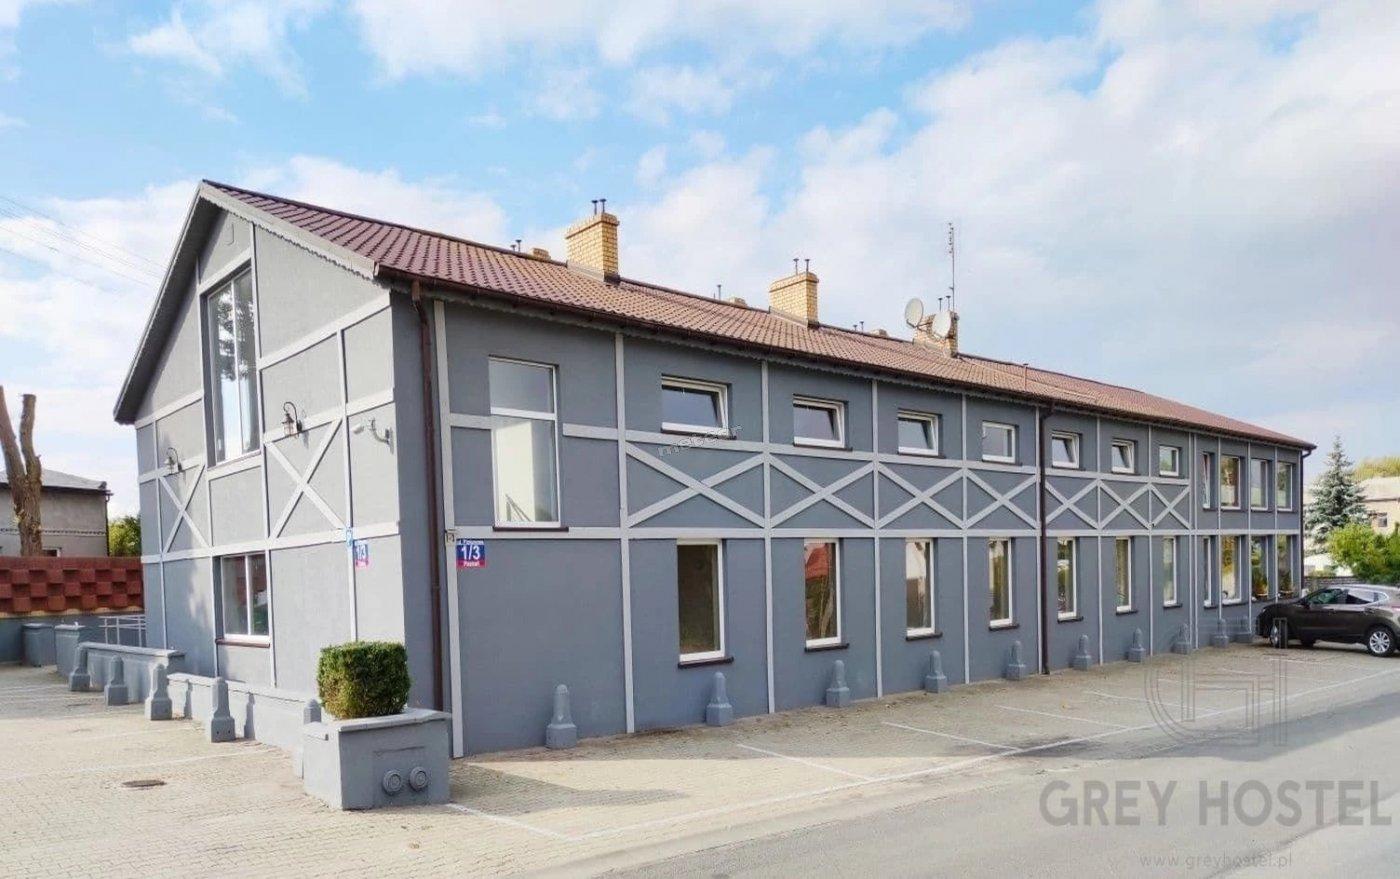 Grey Hostel- pokoje  z łazienkami